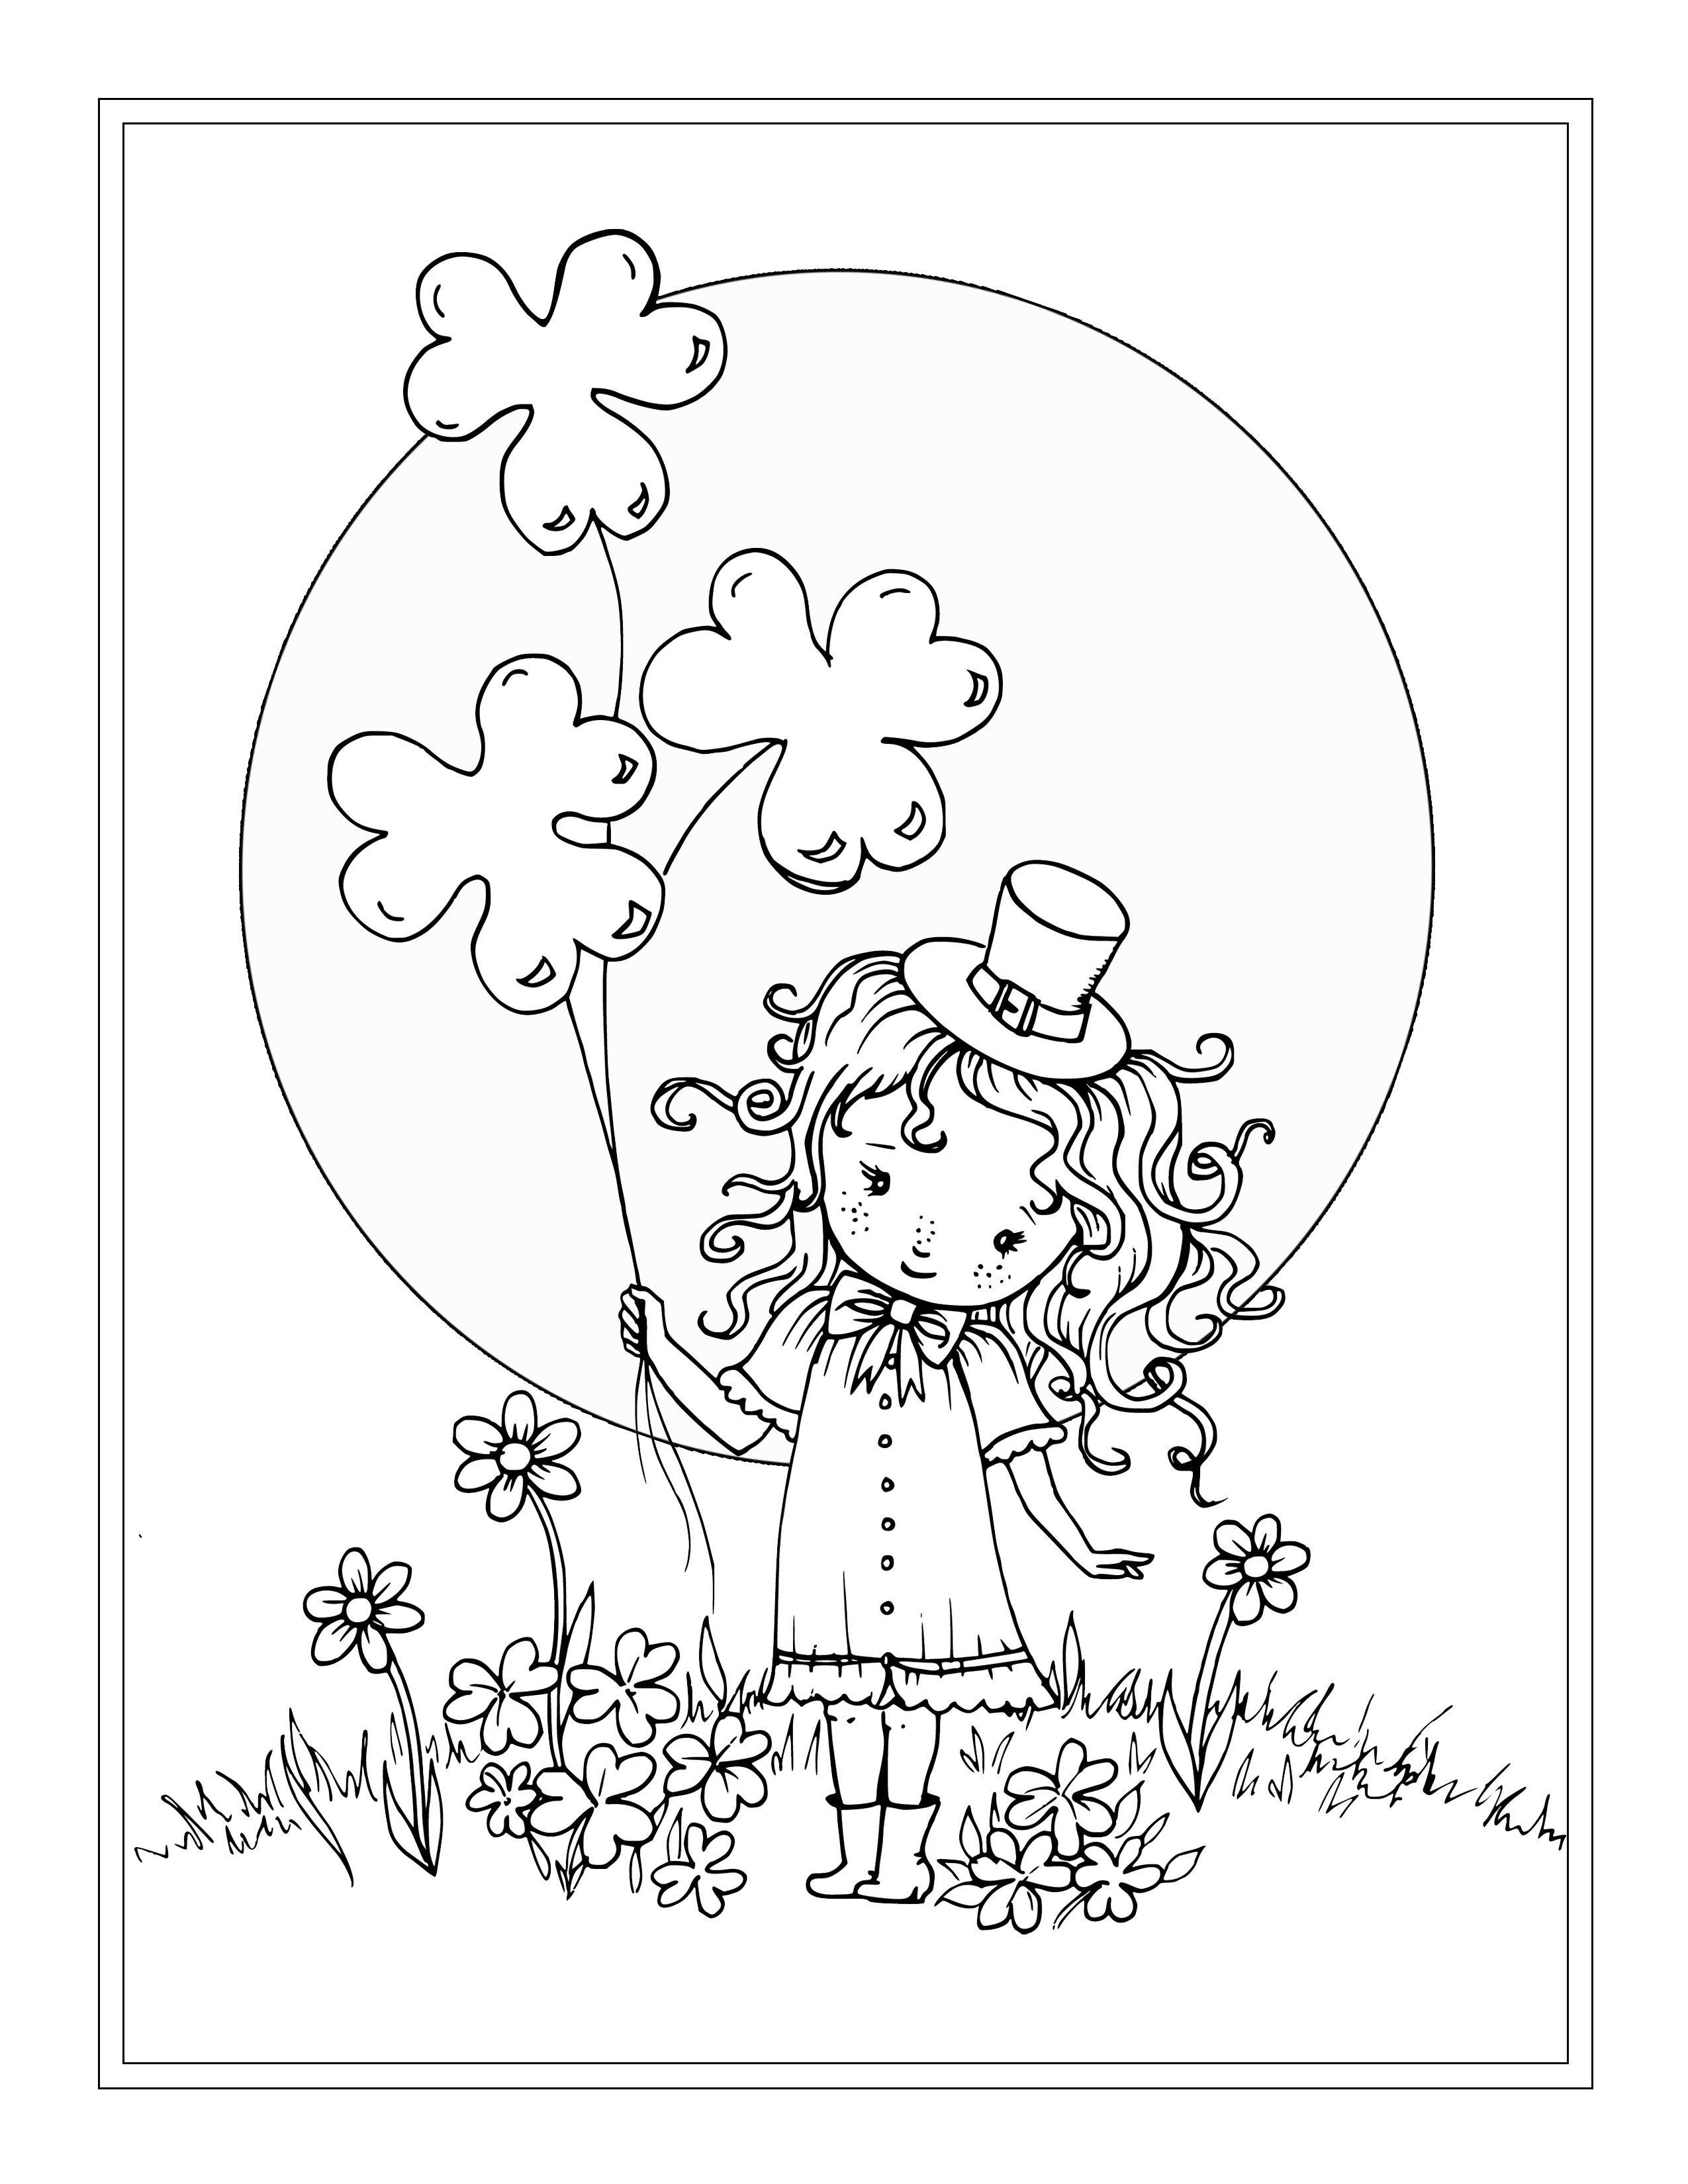 29 Jpg 2550 3300 Sellos Digitales Dibujos Libros Para Colorear